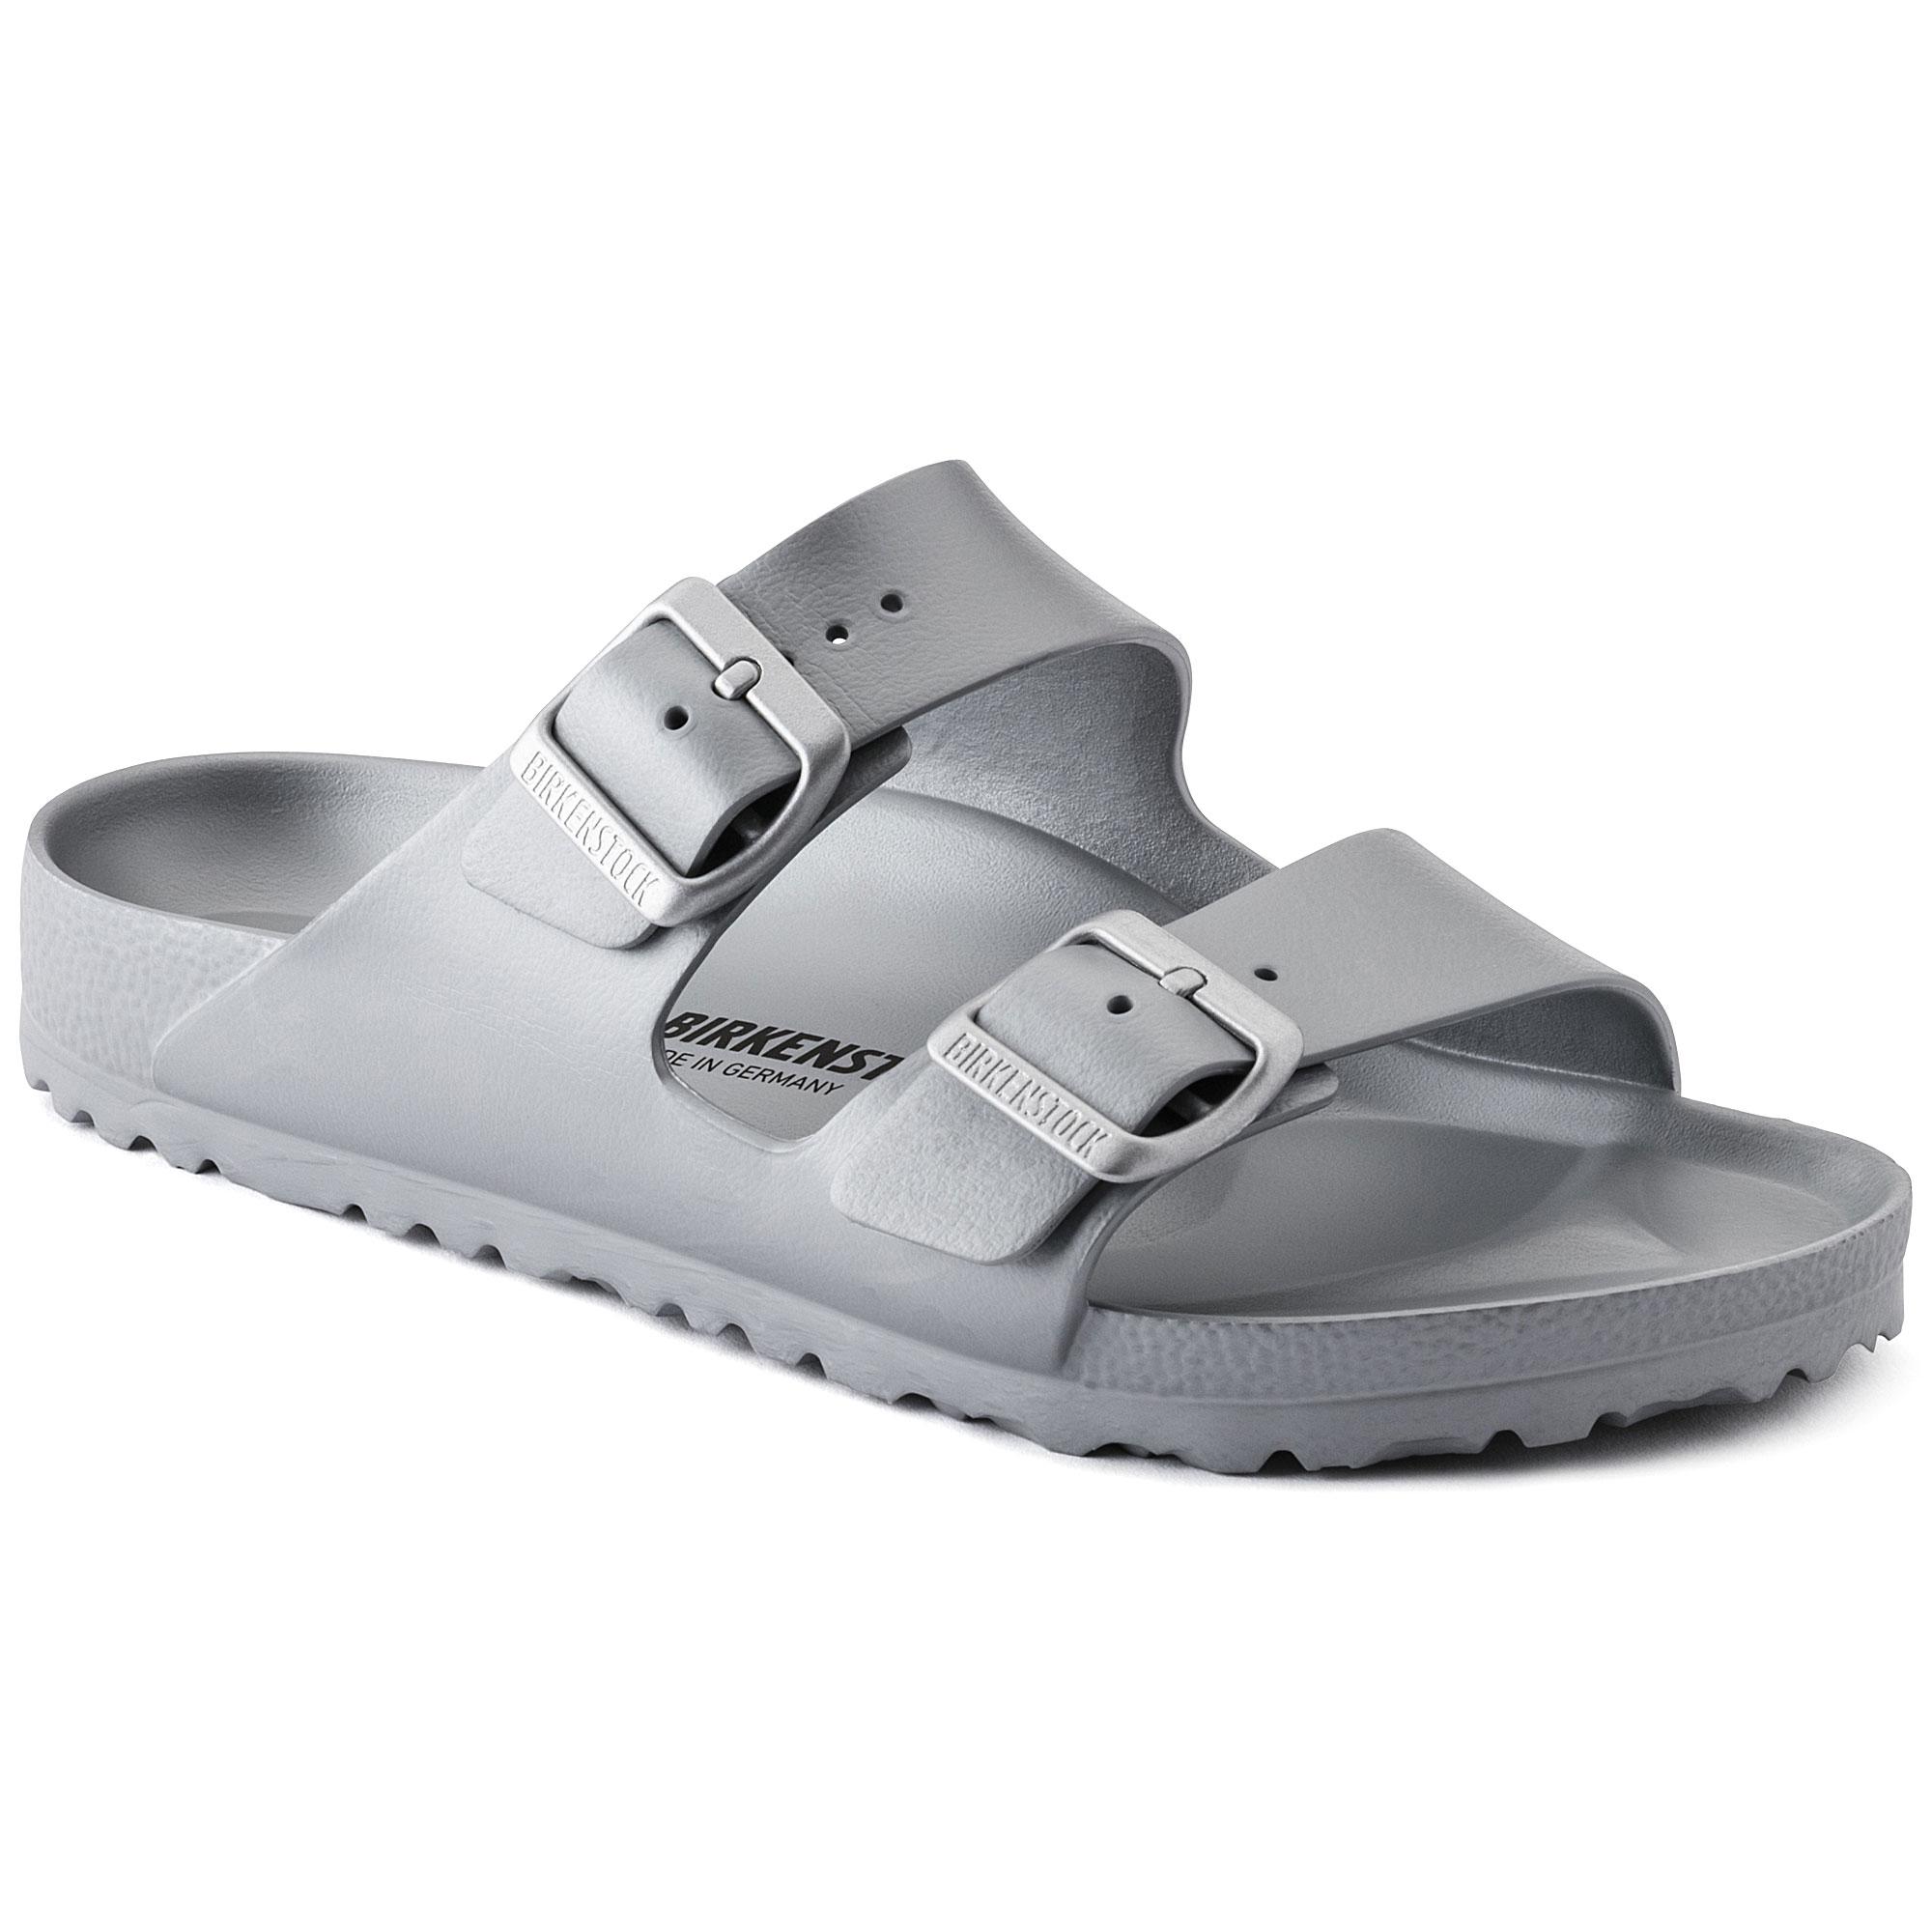 Birkenstock Arizona Kinder Sandalen Silver Verkauf bei Country Attire